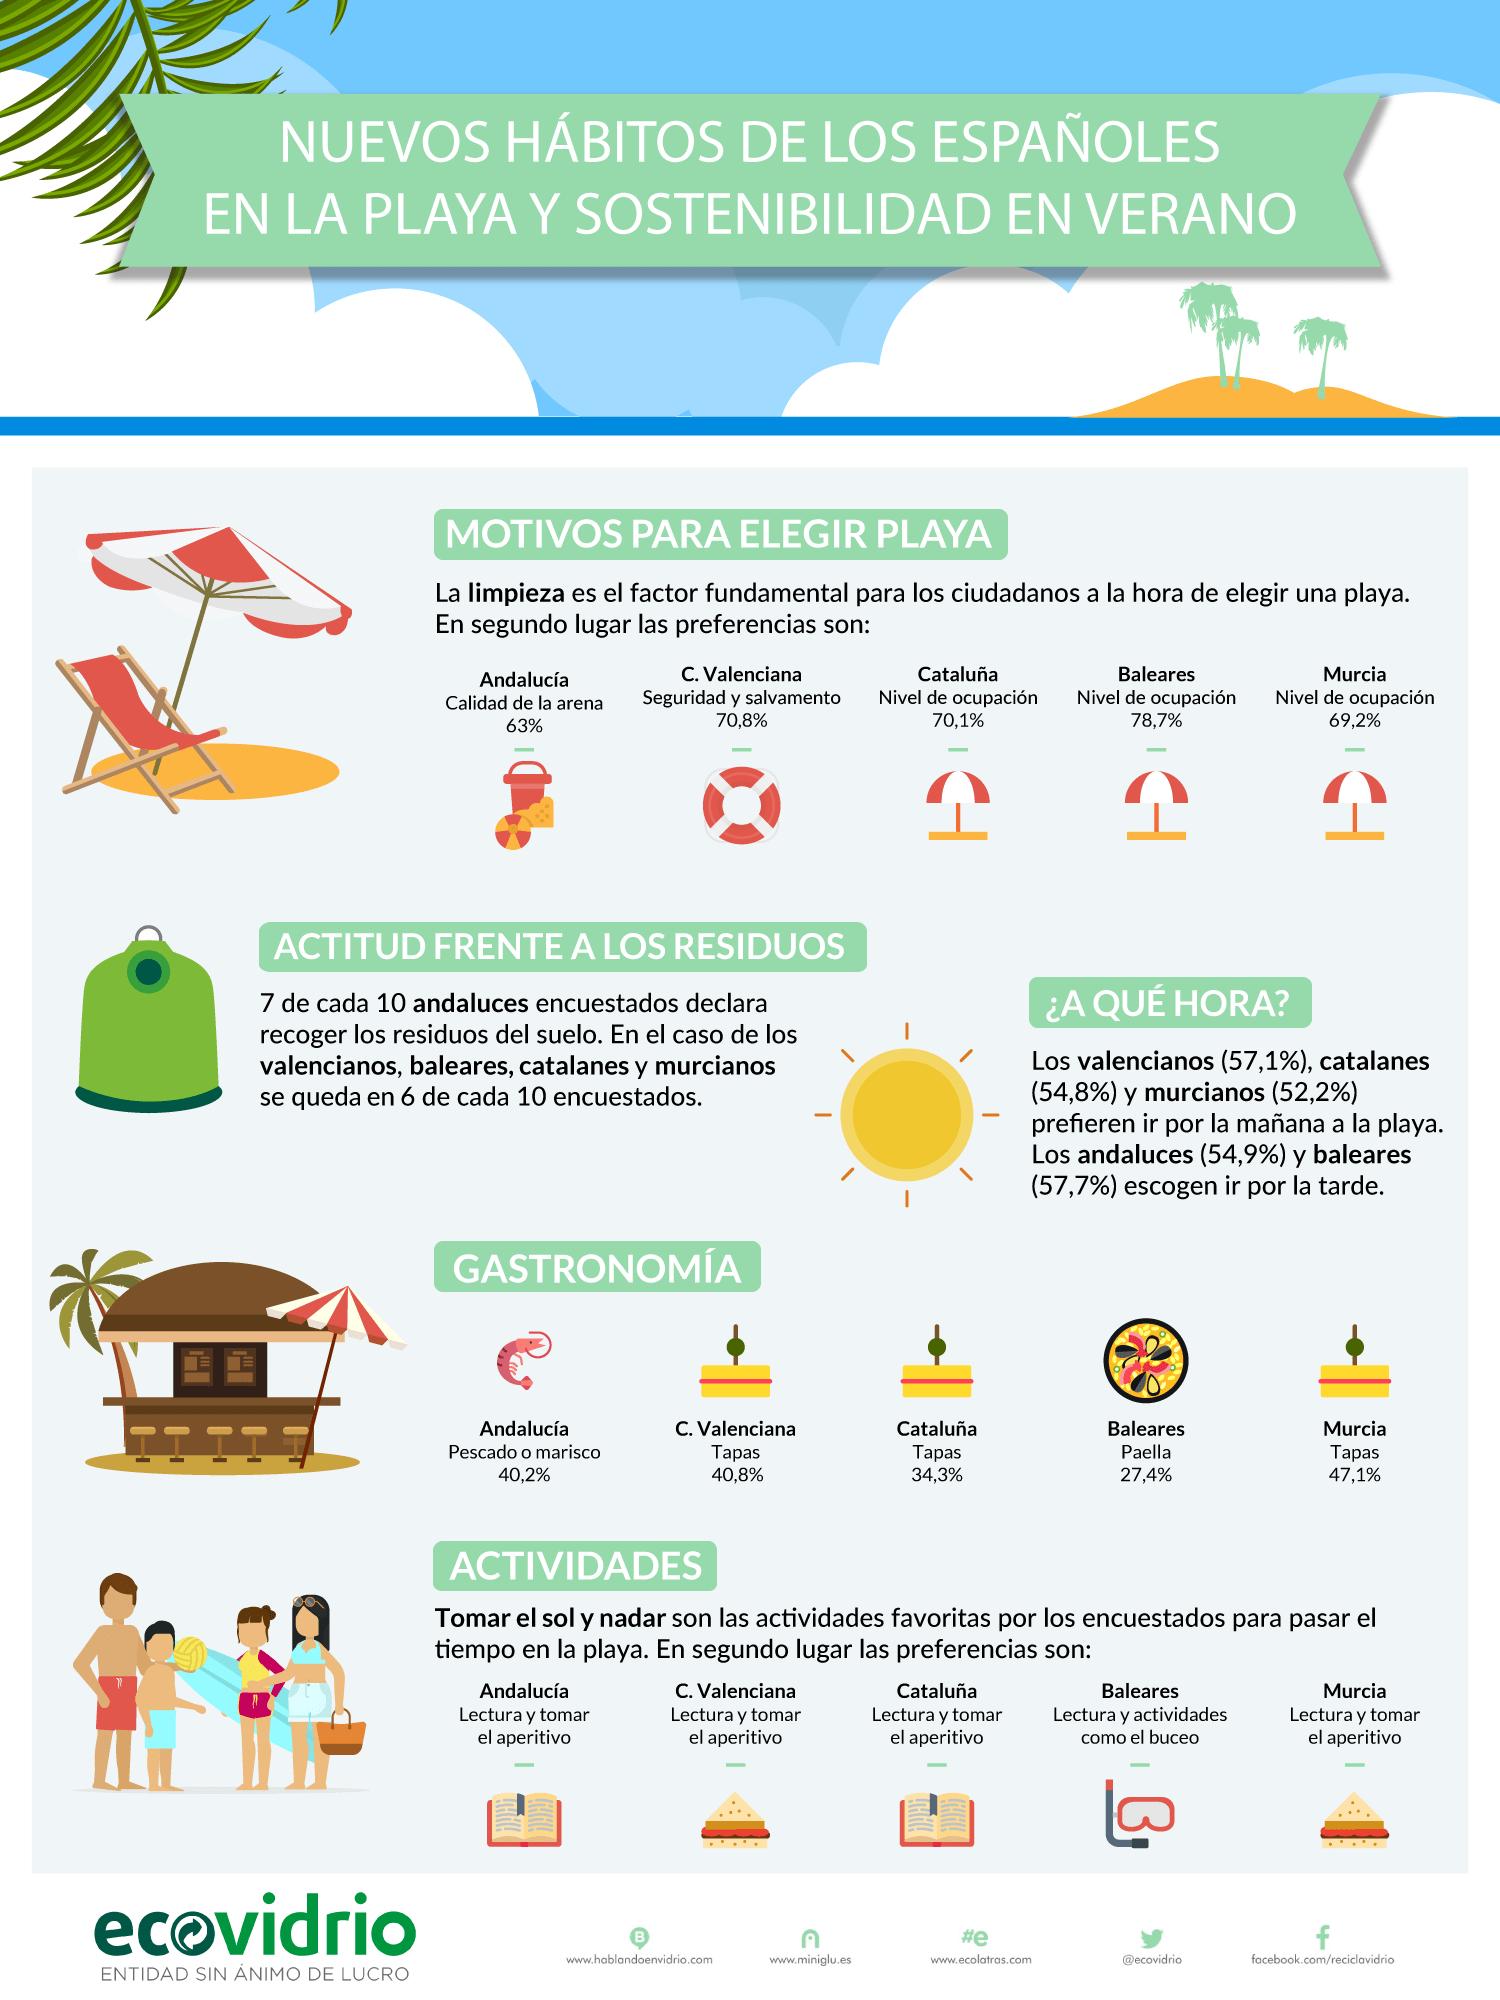 habitos-ciudadanos-en-las-playas-del-mediterraneo-infografia-ECOVIDRIO